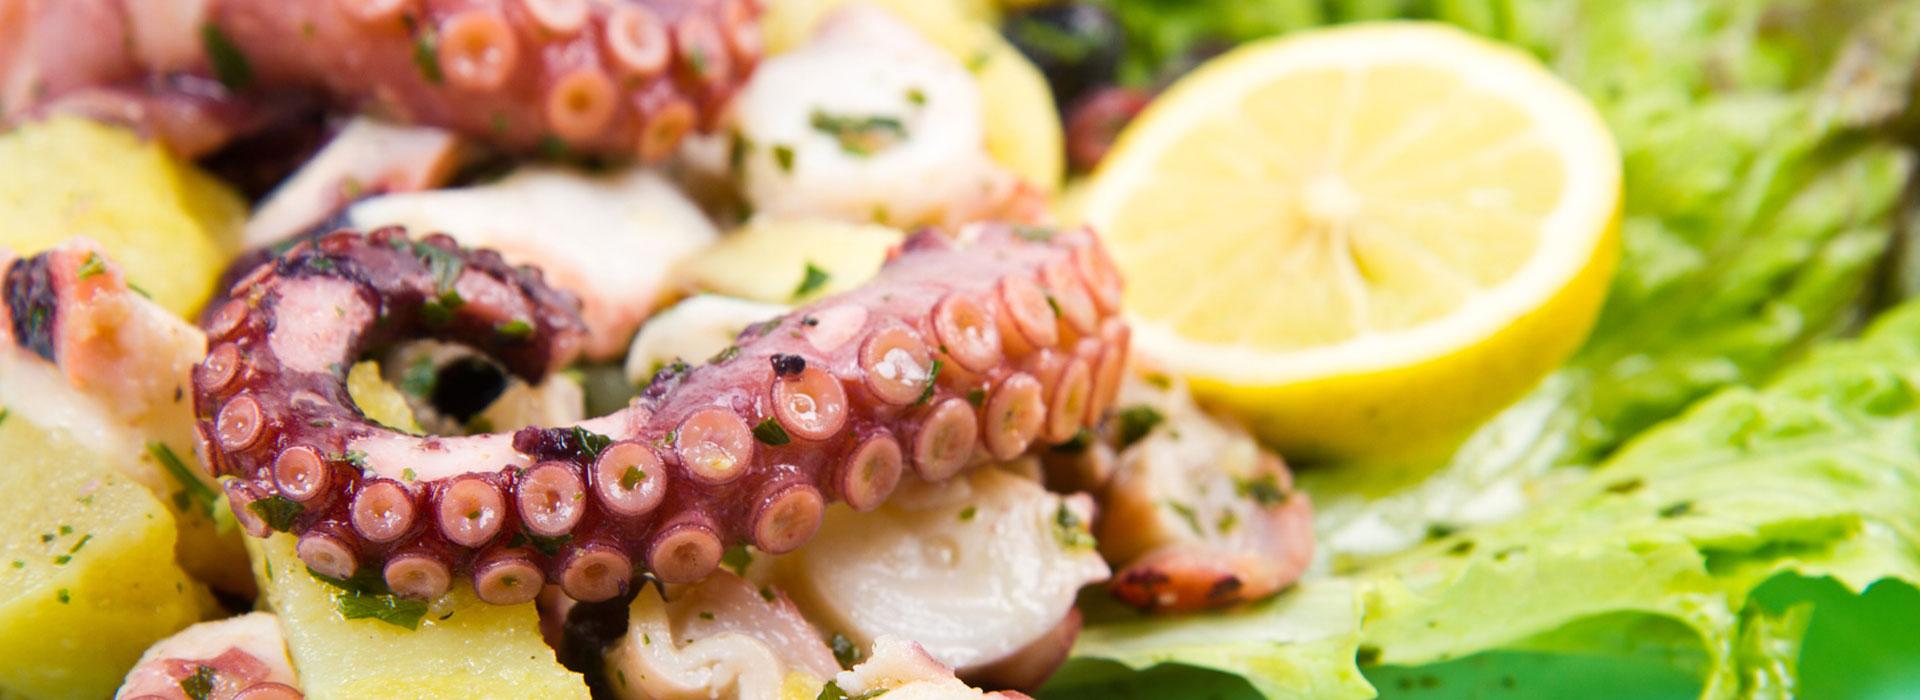 slider-ristorante-just-gustolab-specialita-di-pesce